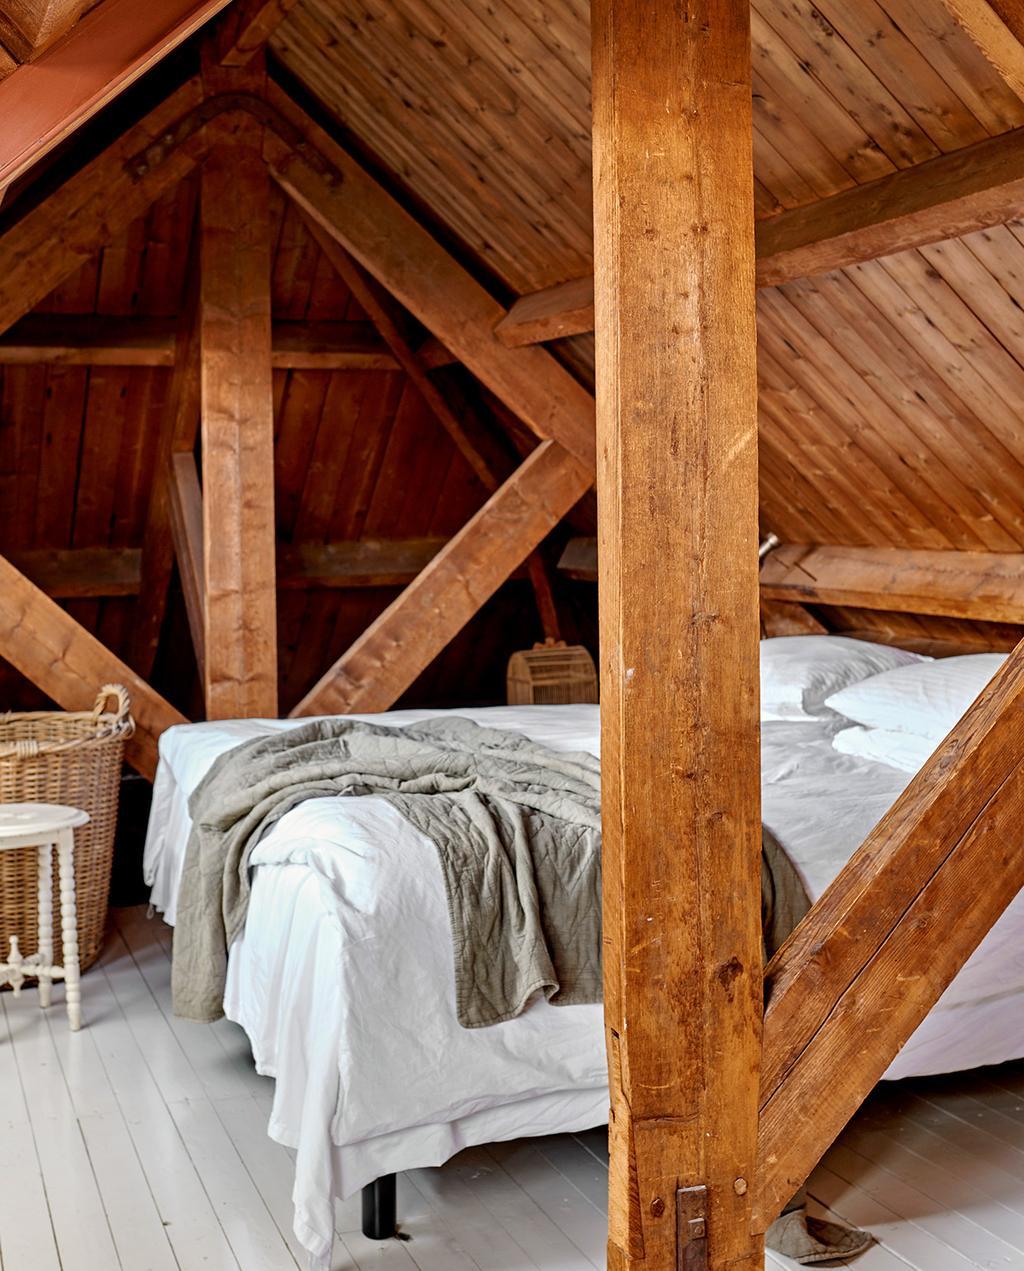 vtwonen 07-2021 | zolder slaapkamer met een schuin dak en een wit opgemaakt bede